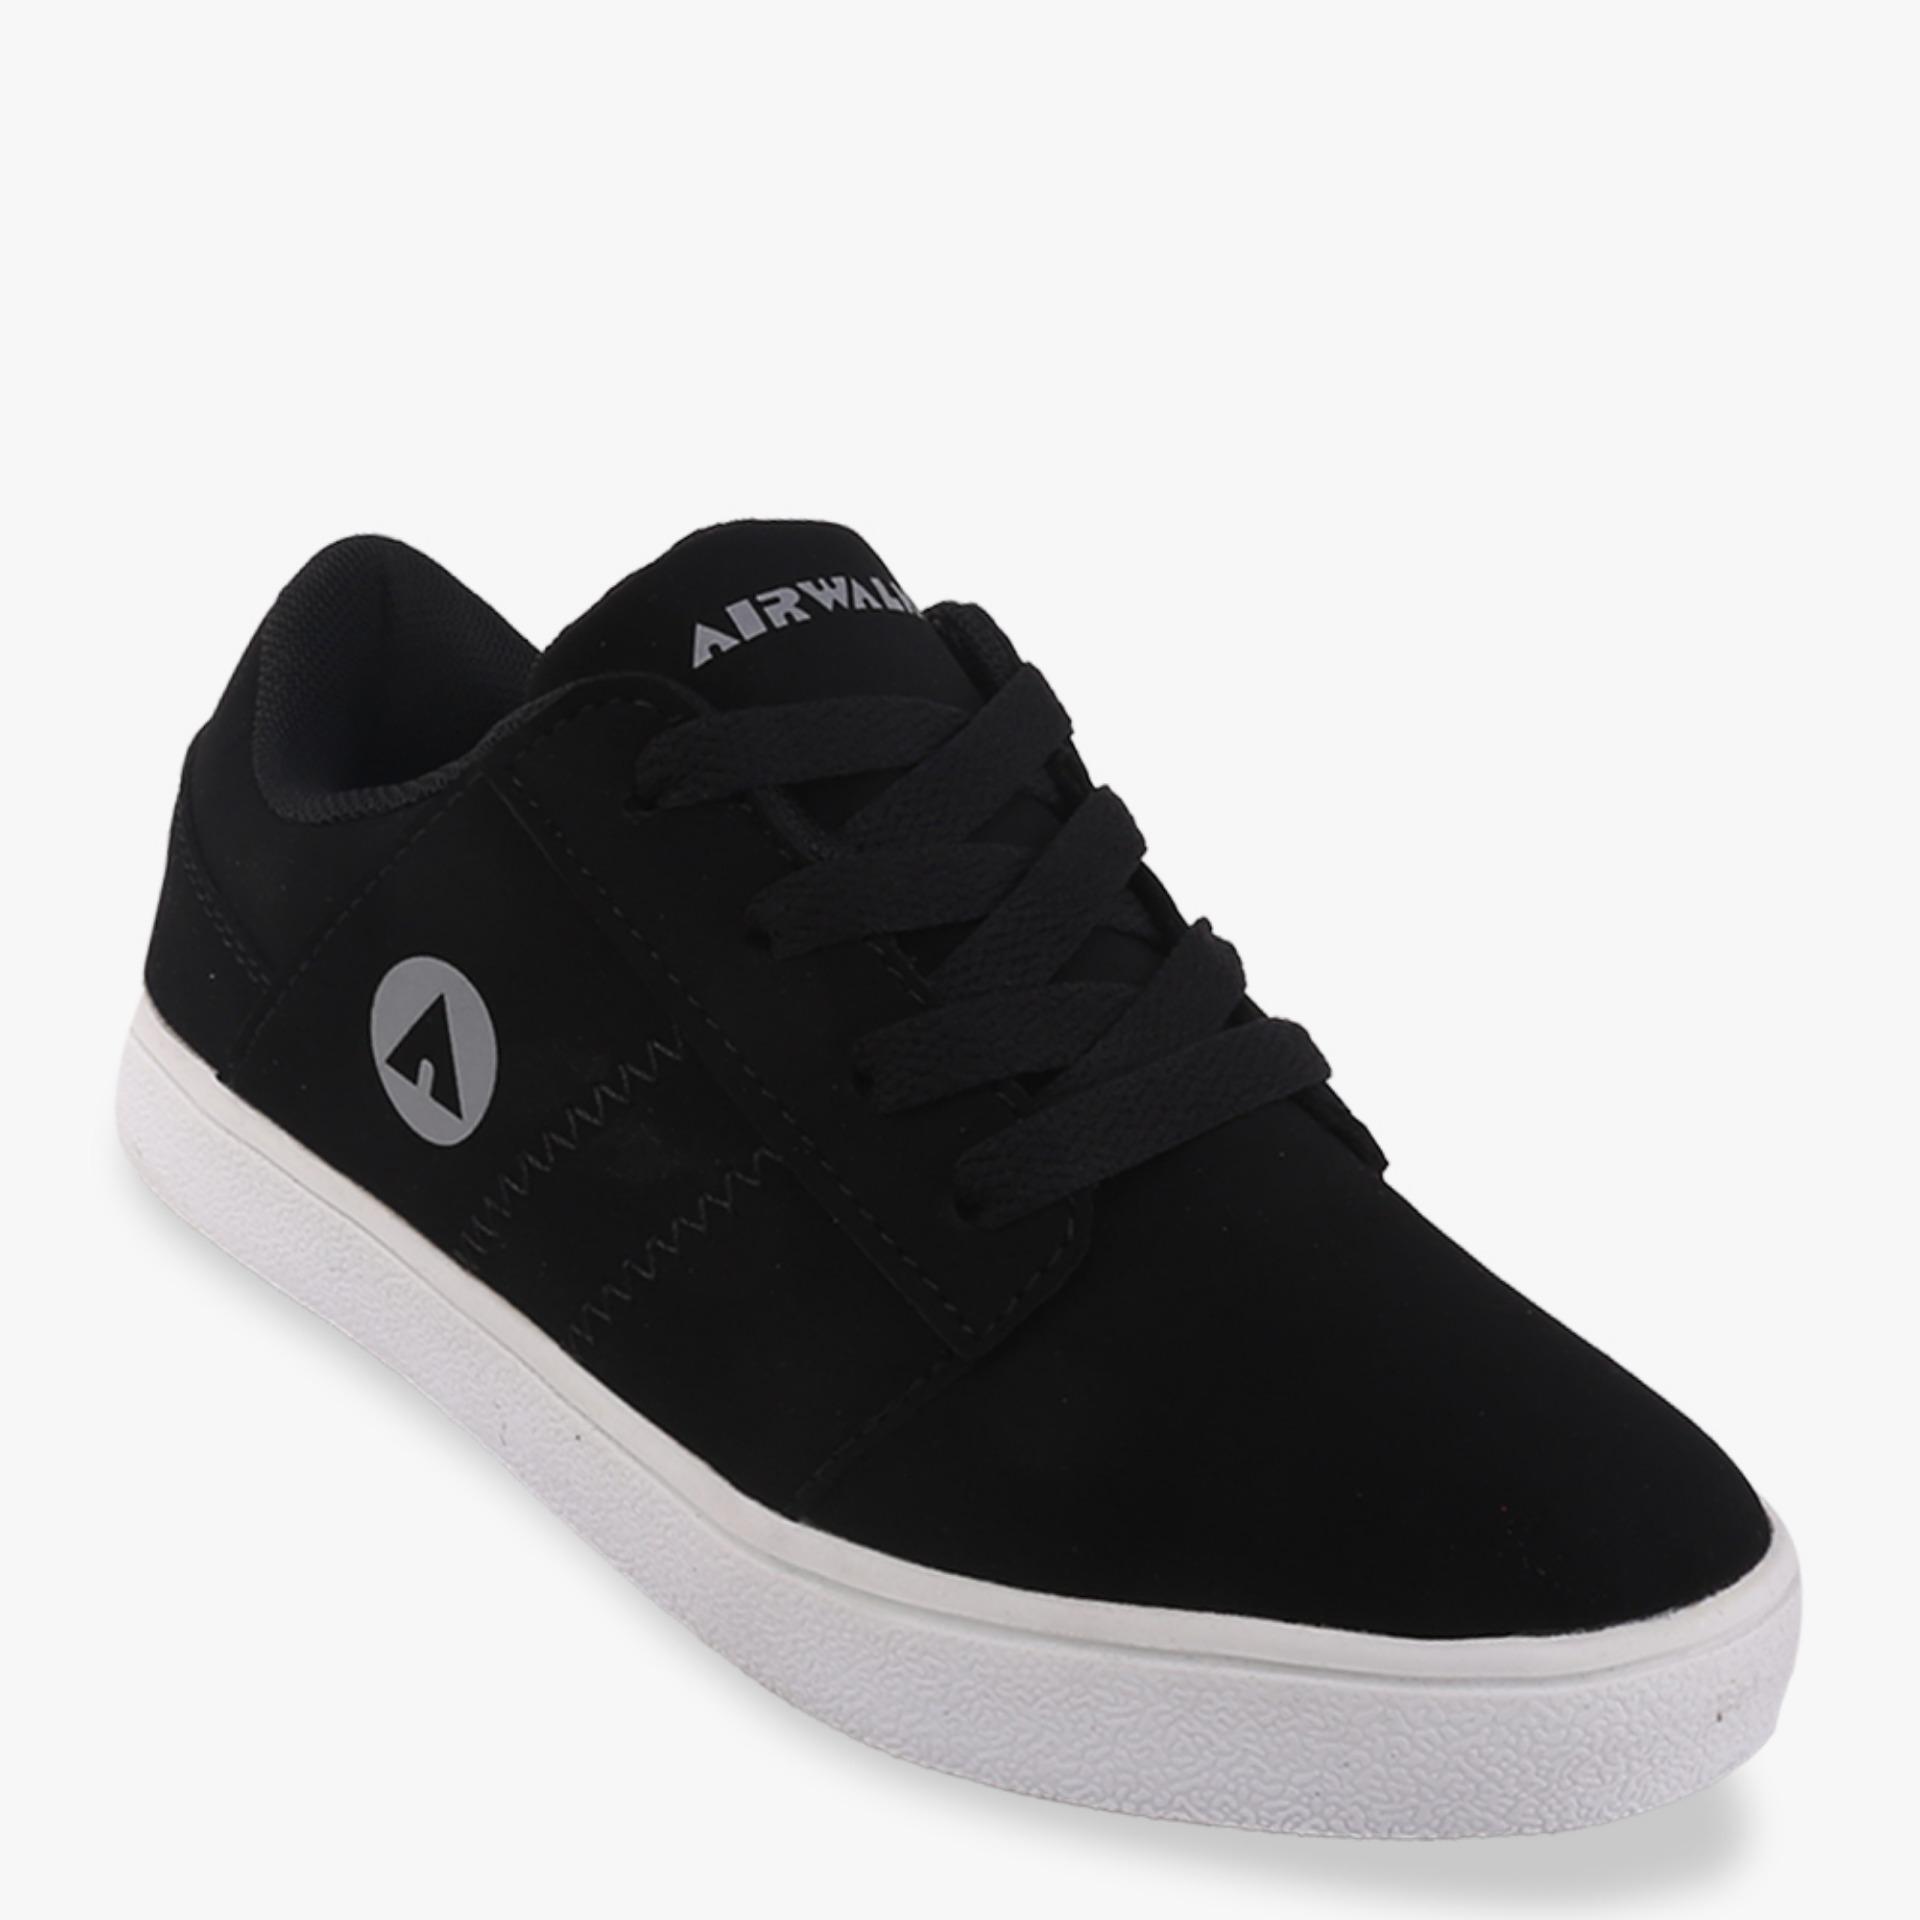 Jual Airwalk Jordan Boys Sneakers Shoes Hitam